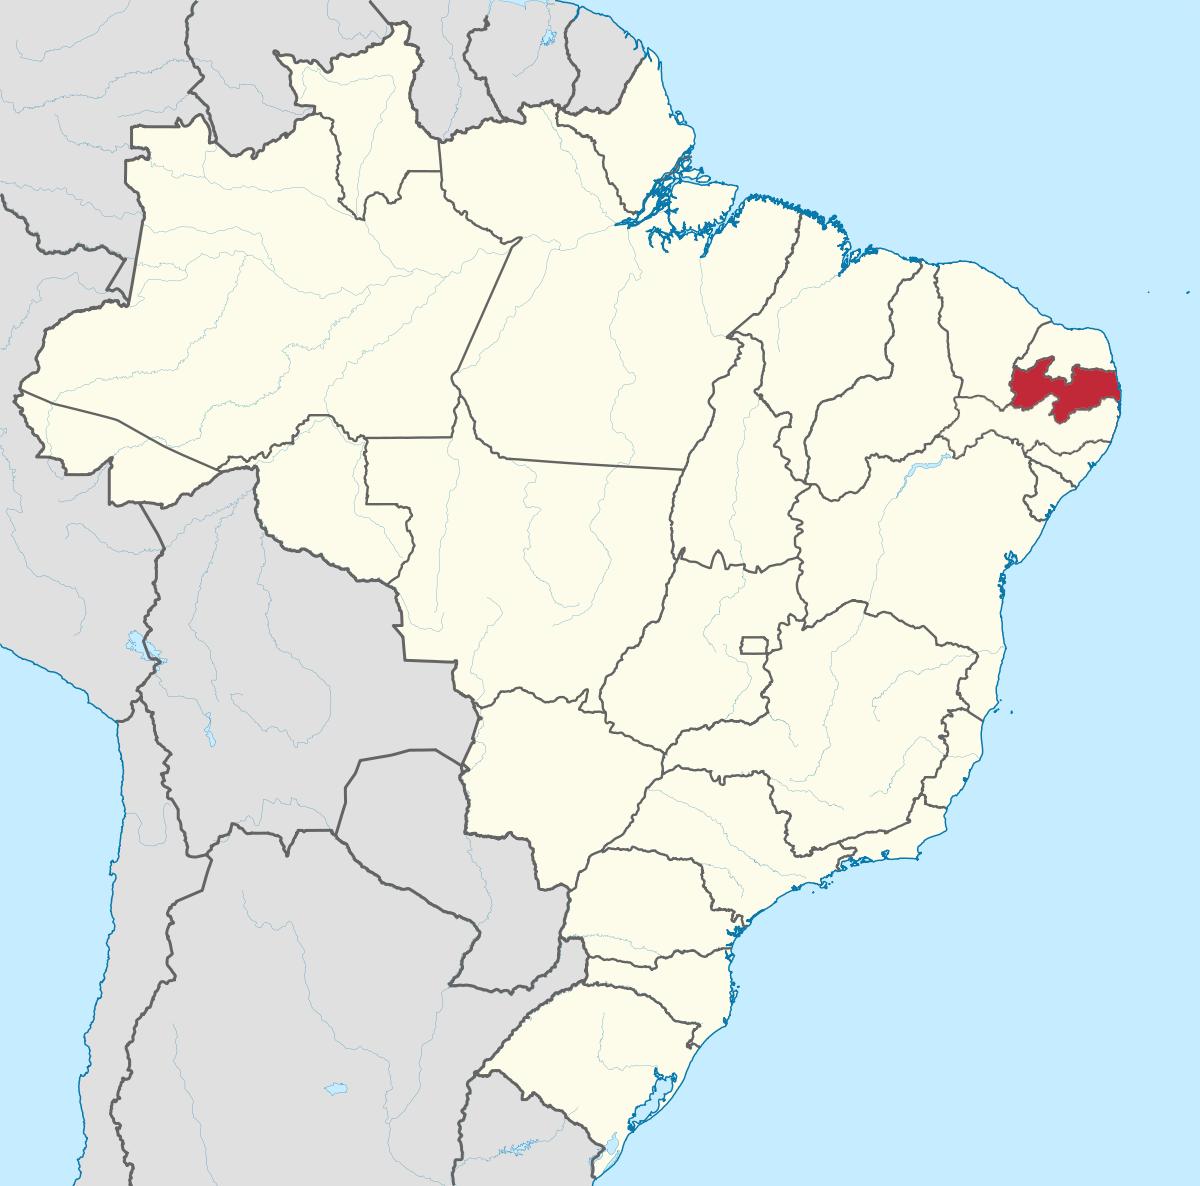 Brazilparaiba.png